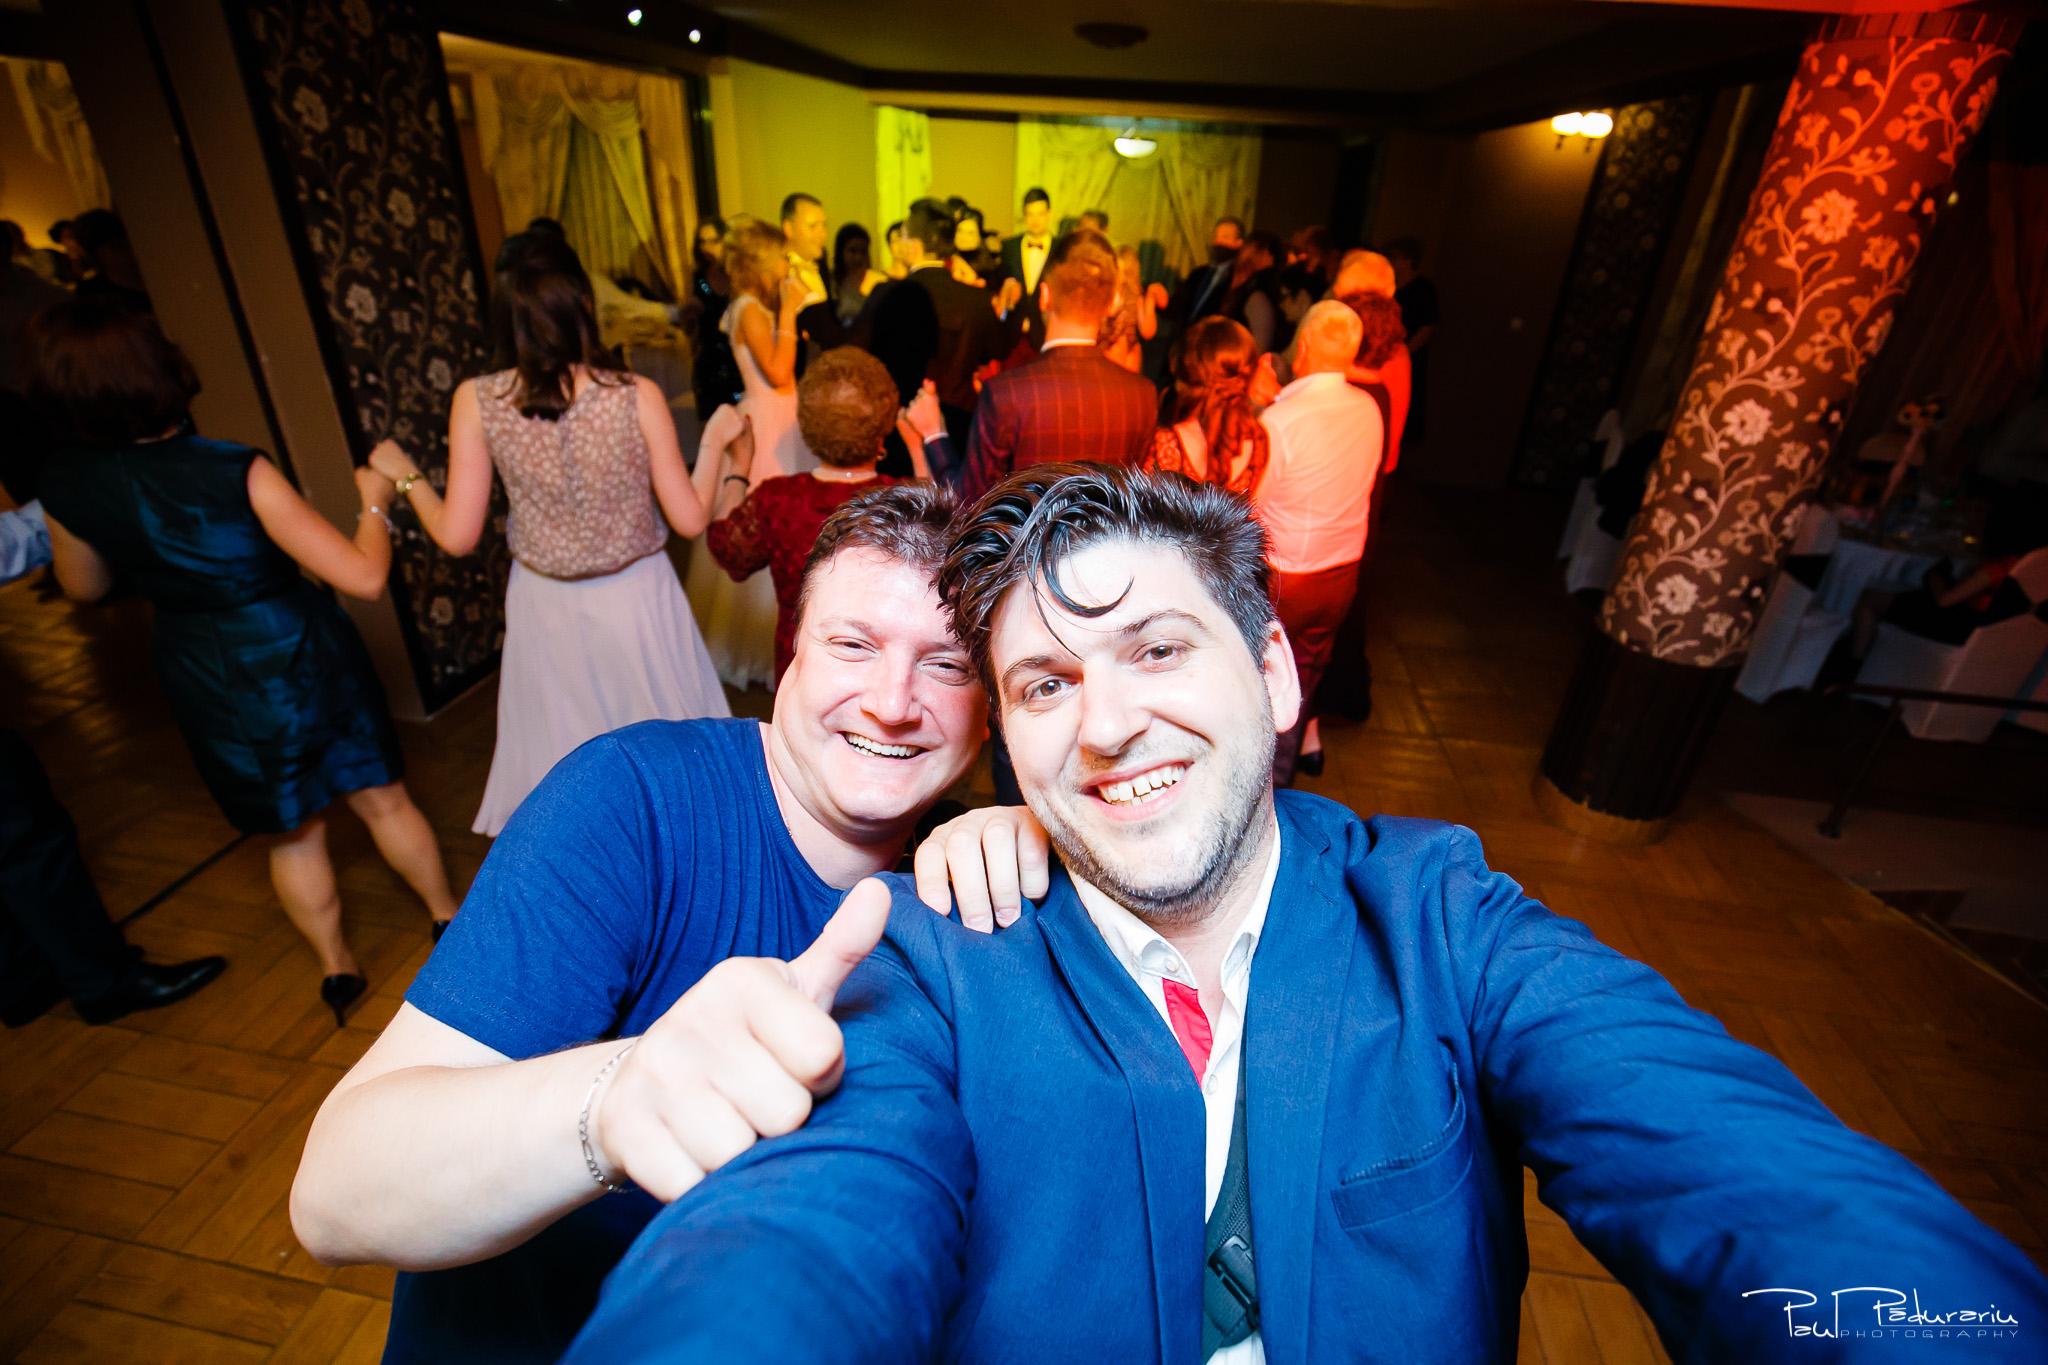 Selfie DJ Răzvan Roibu (Nova Sound) www.paulpadurariu.ro © 2018 Paul Padurariu